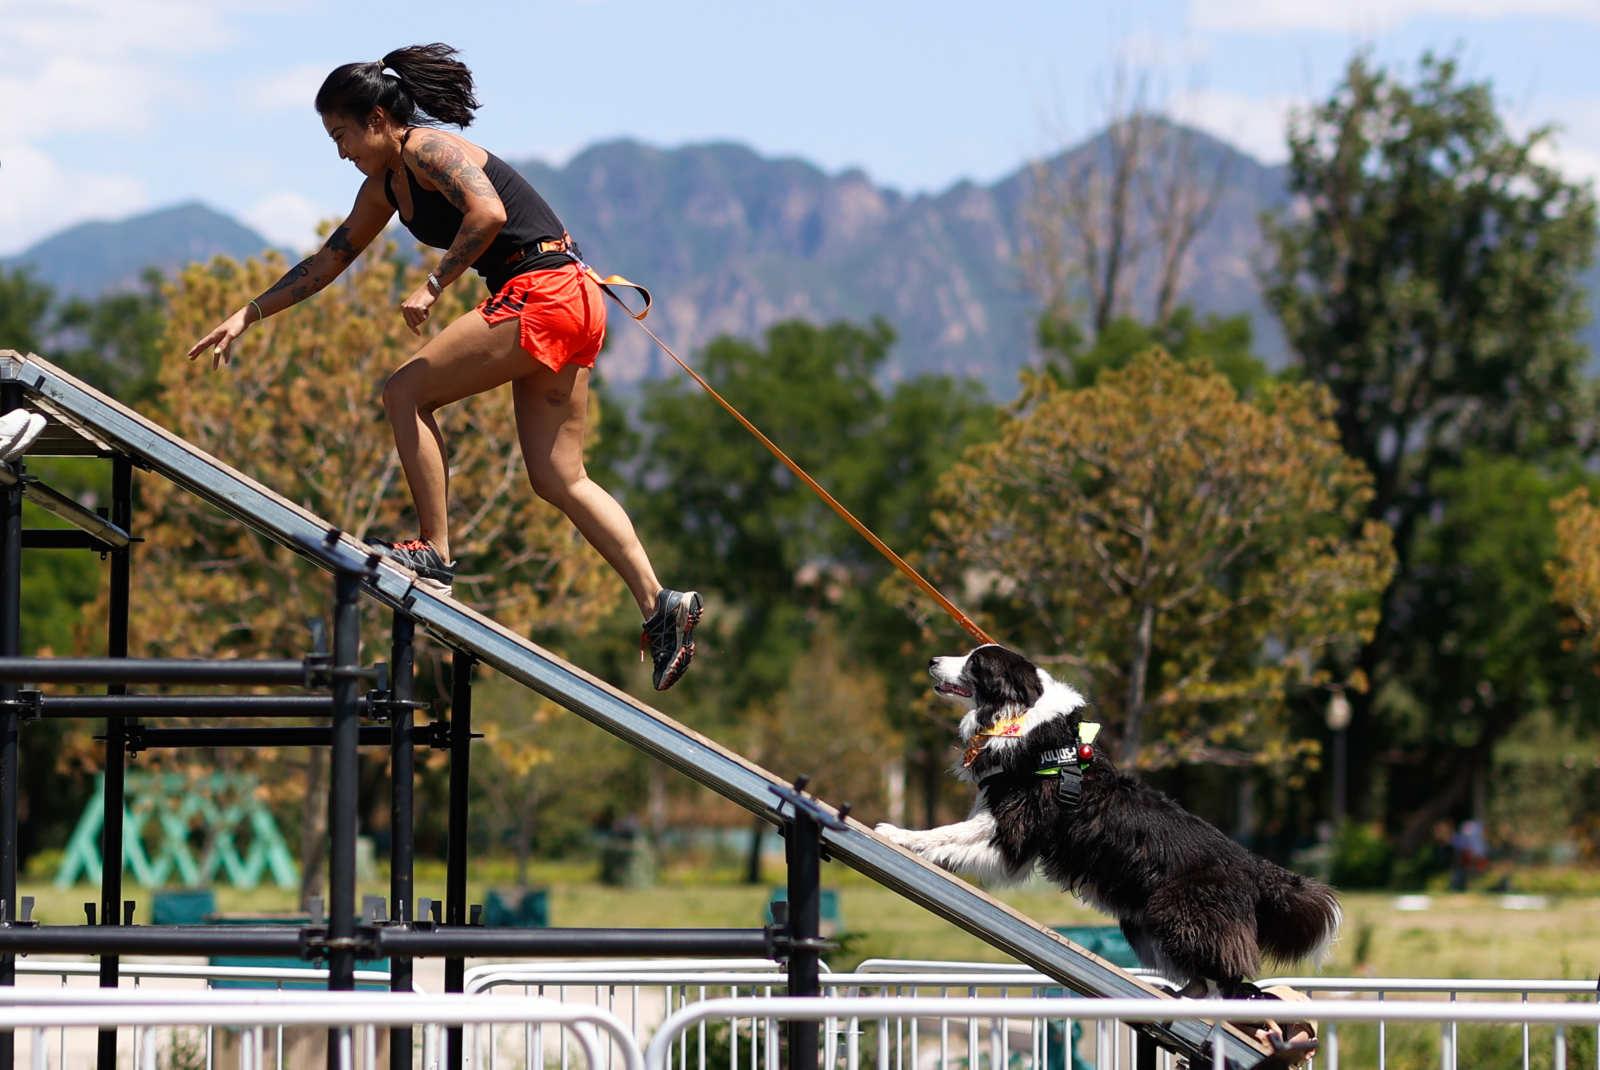 狗巴迪勇士赛开启 三大突破搭建新概念人犬赛事